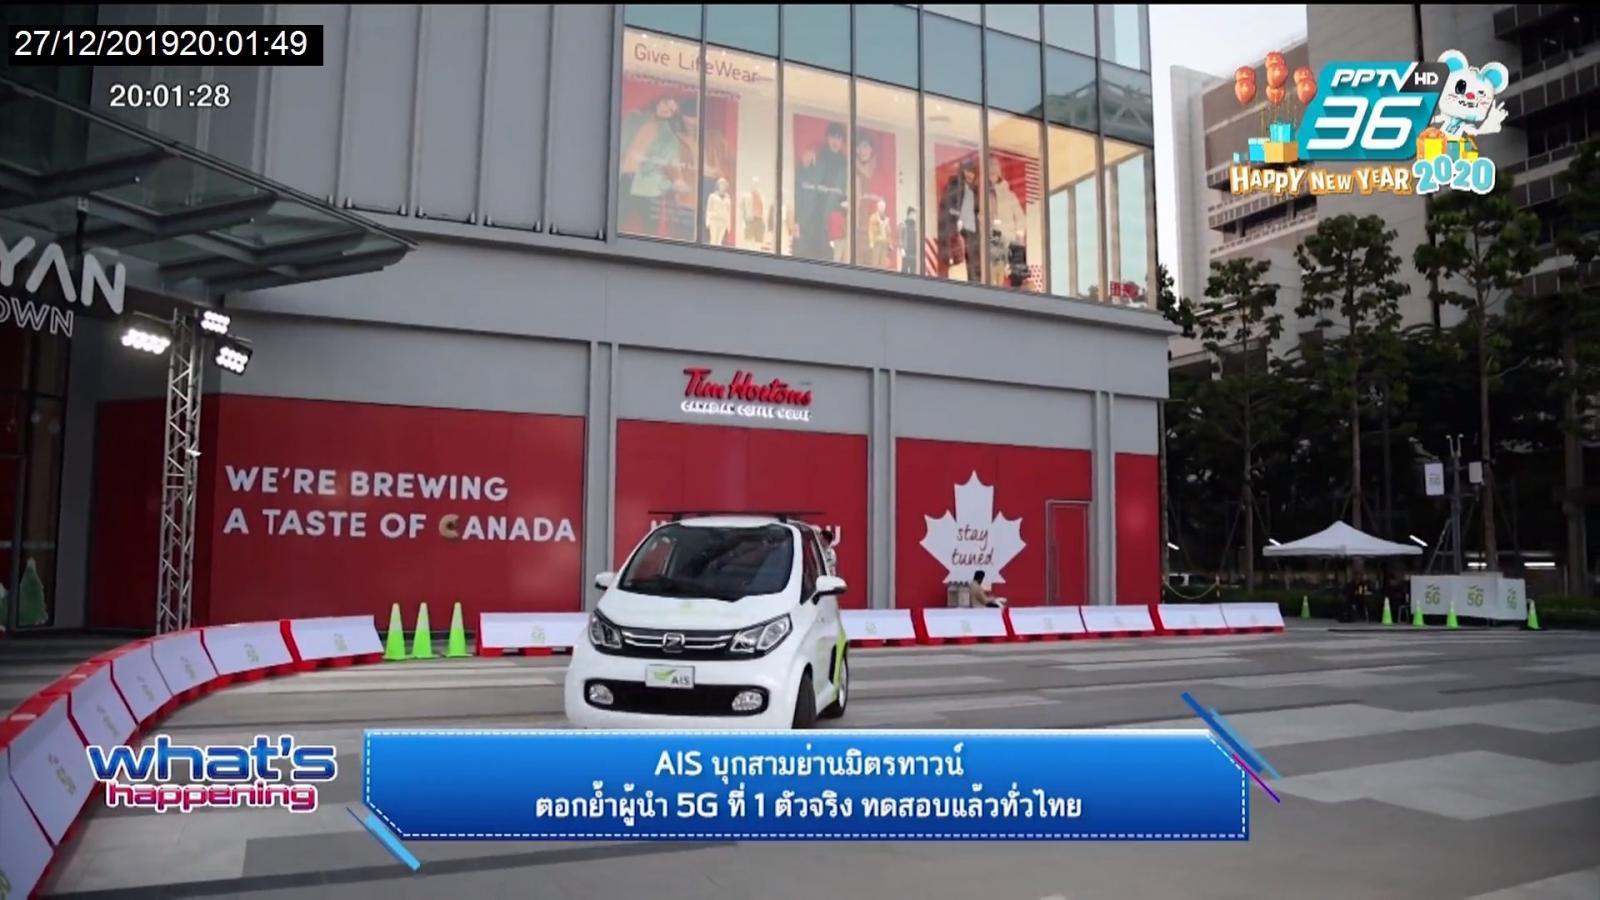 AIS บุกสามย่านมิตรทาวน์ ตอกย้ำผู้นำ 5G ที่ 1 ตัวจริง ทดสอบแล้วทั่วไทย